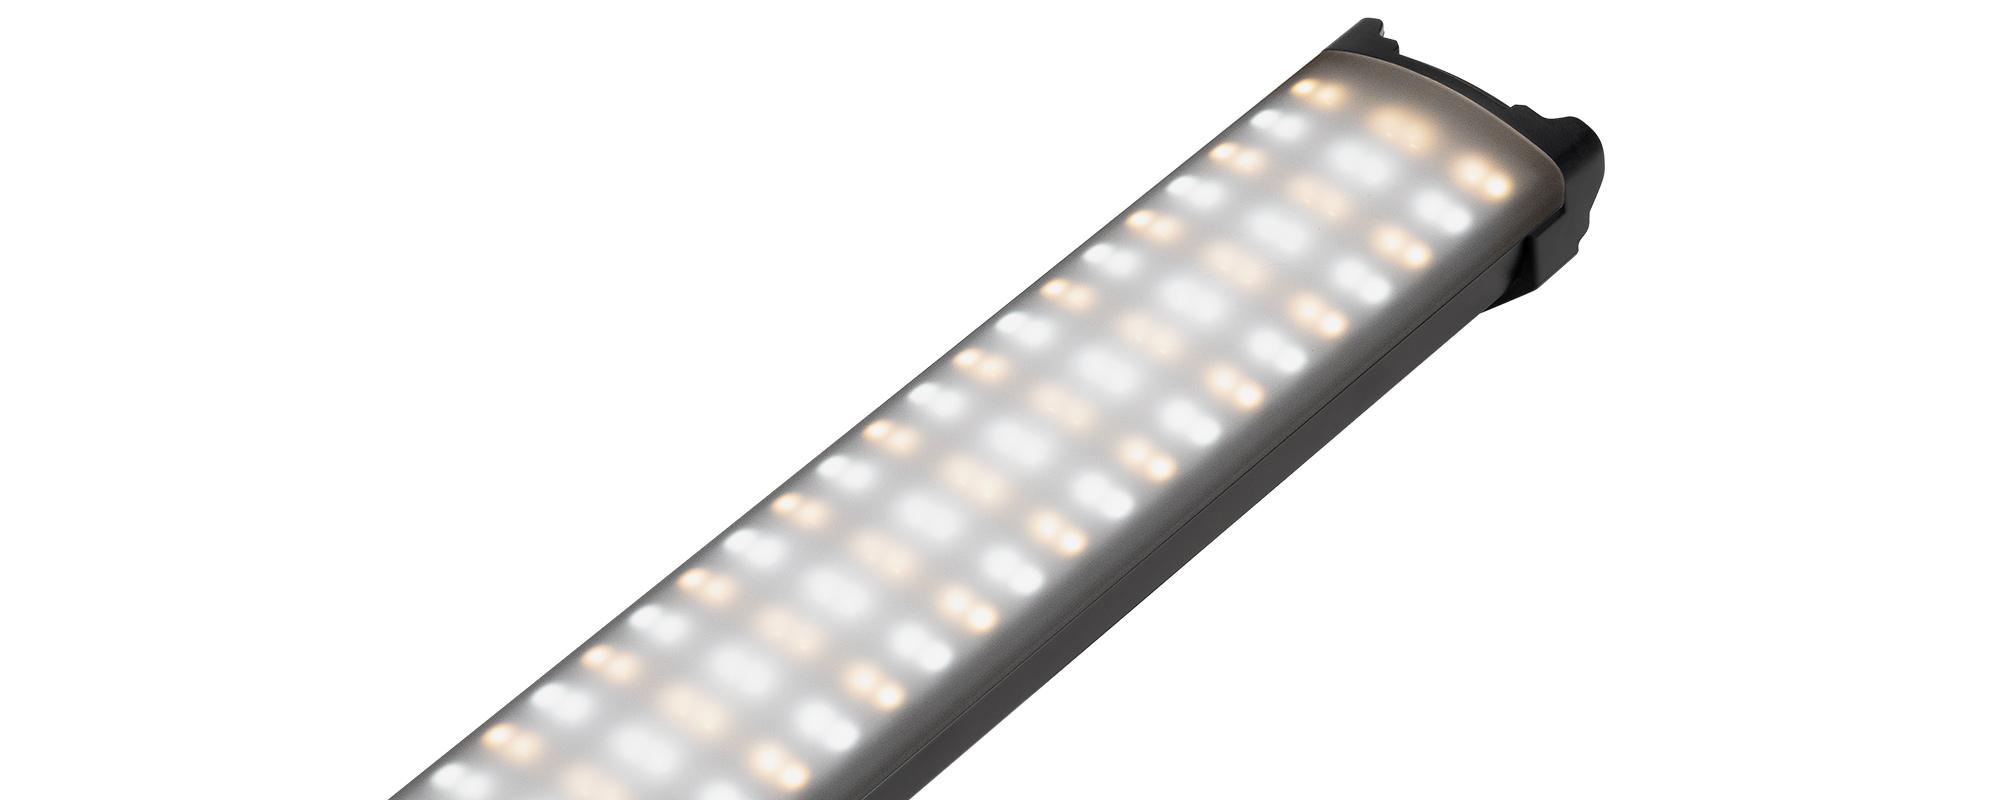 Lampa LED Yongnuo YN360 Mini - RGB, WB (2700 K - 7500 K) - Zdalne sterowanie z poziomu aplikacji mobilnej